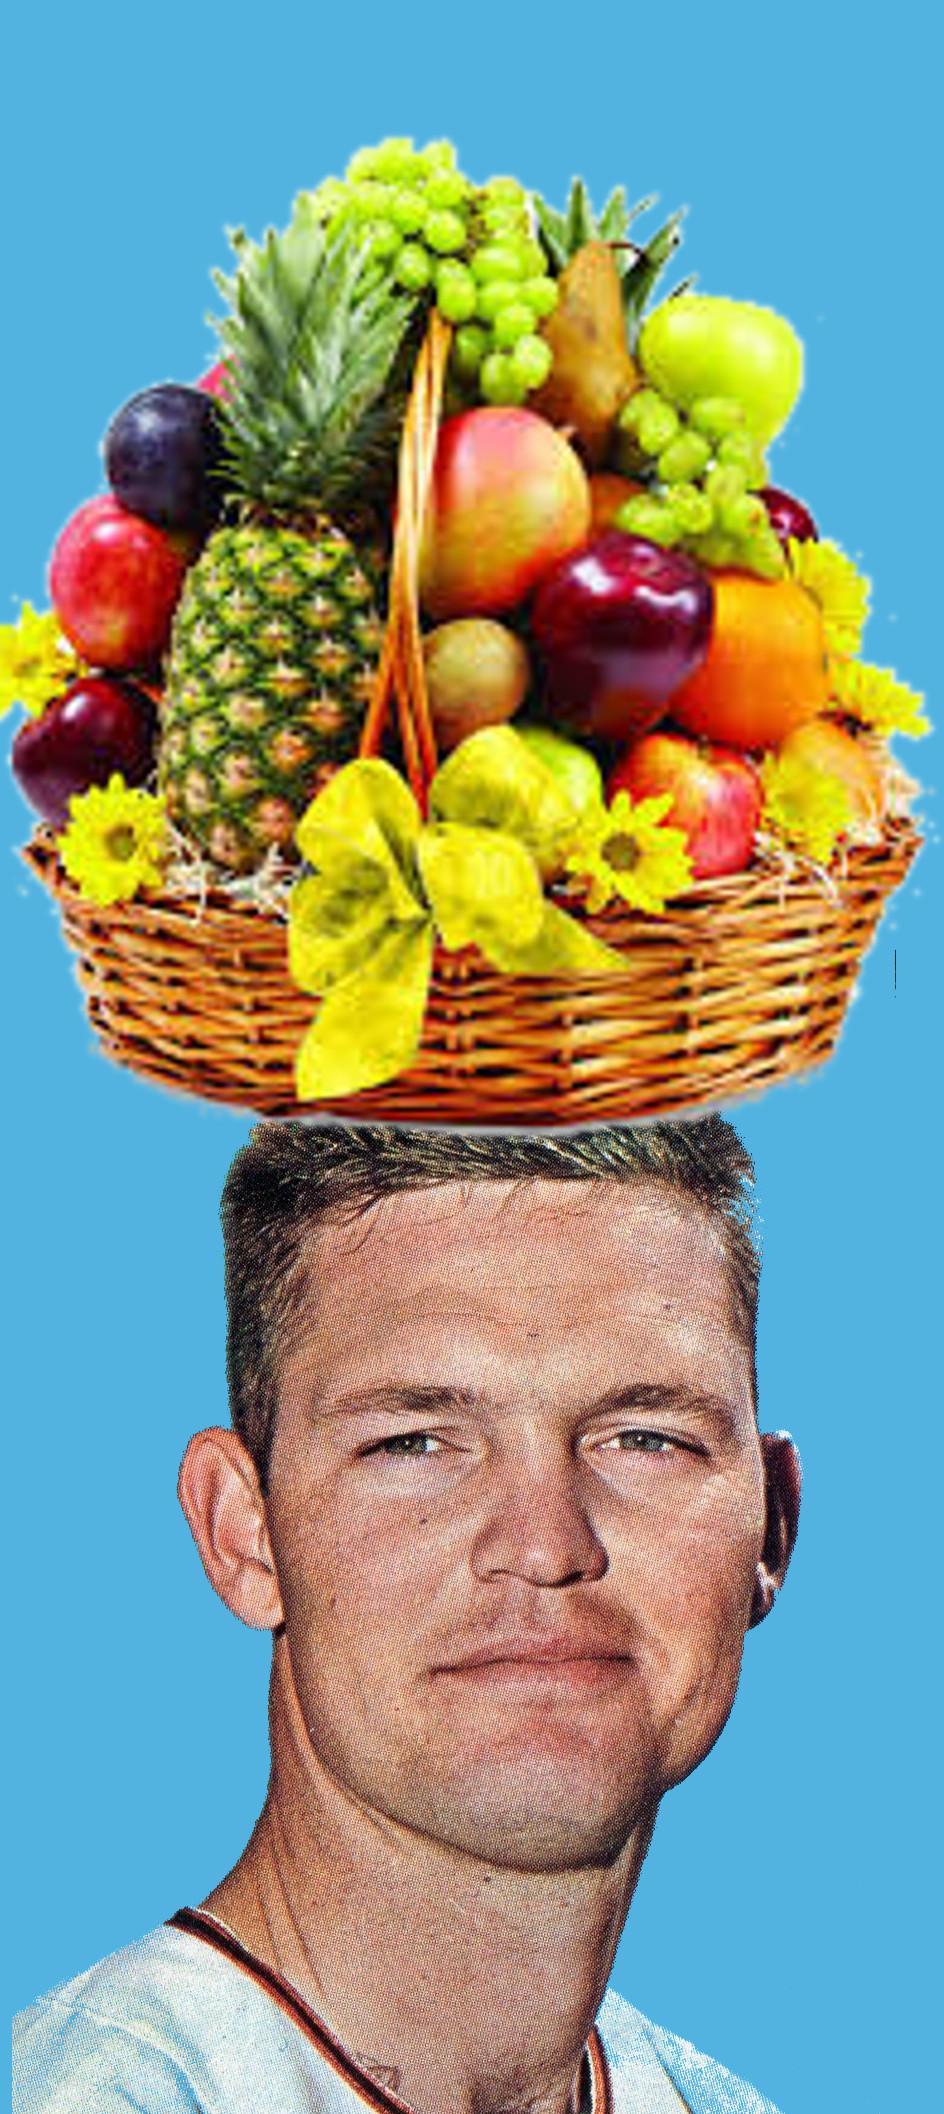 hendley_fruit